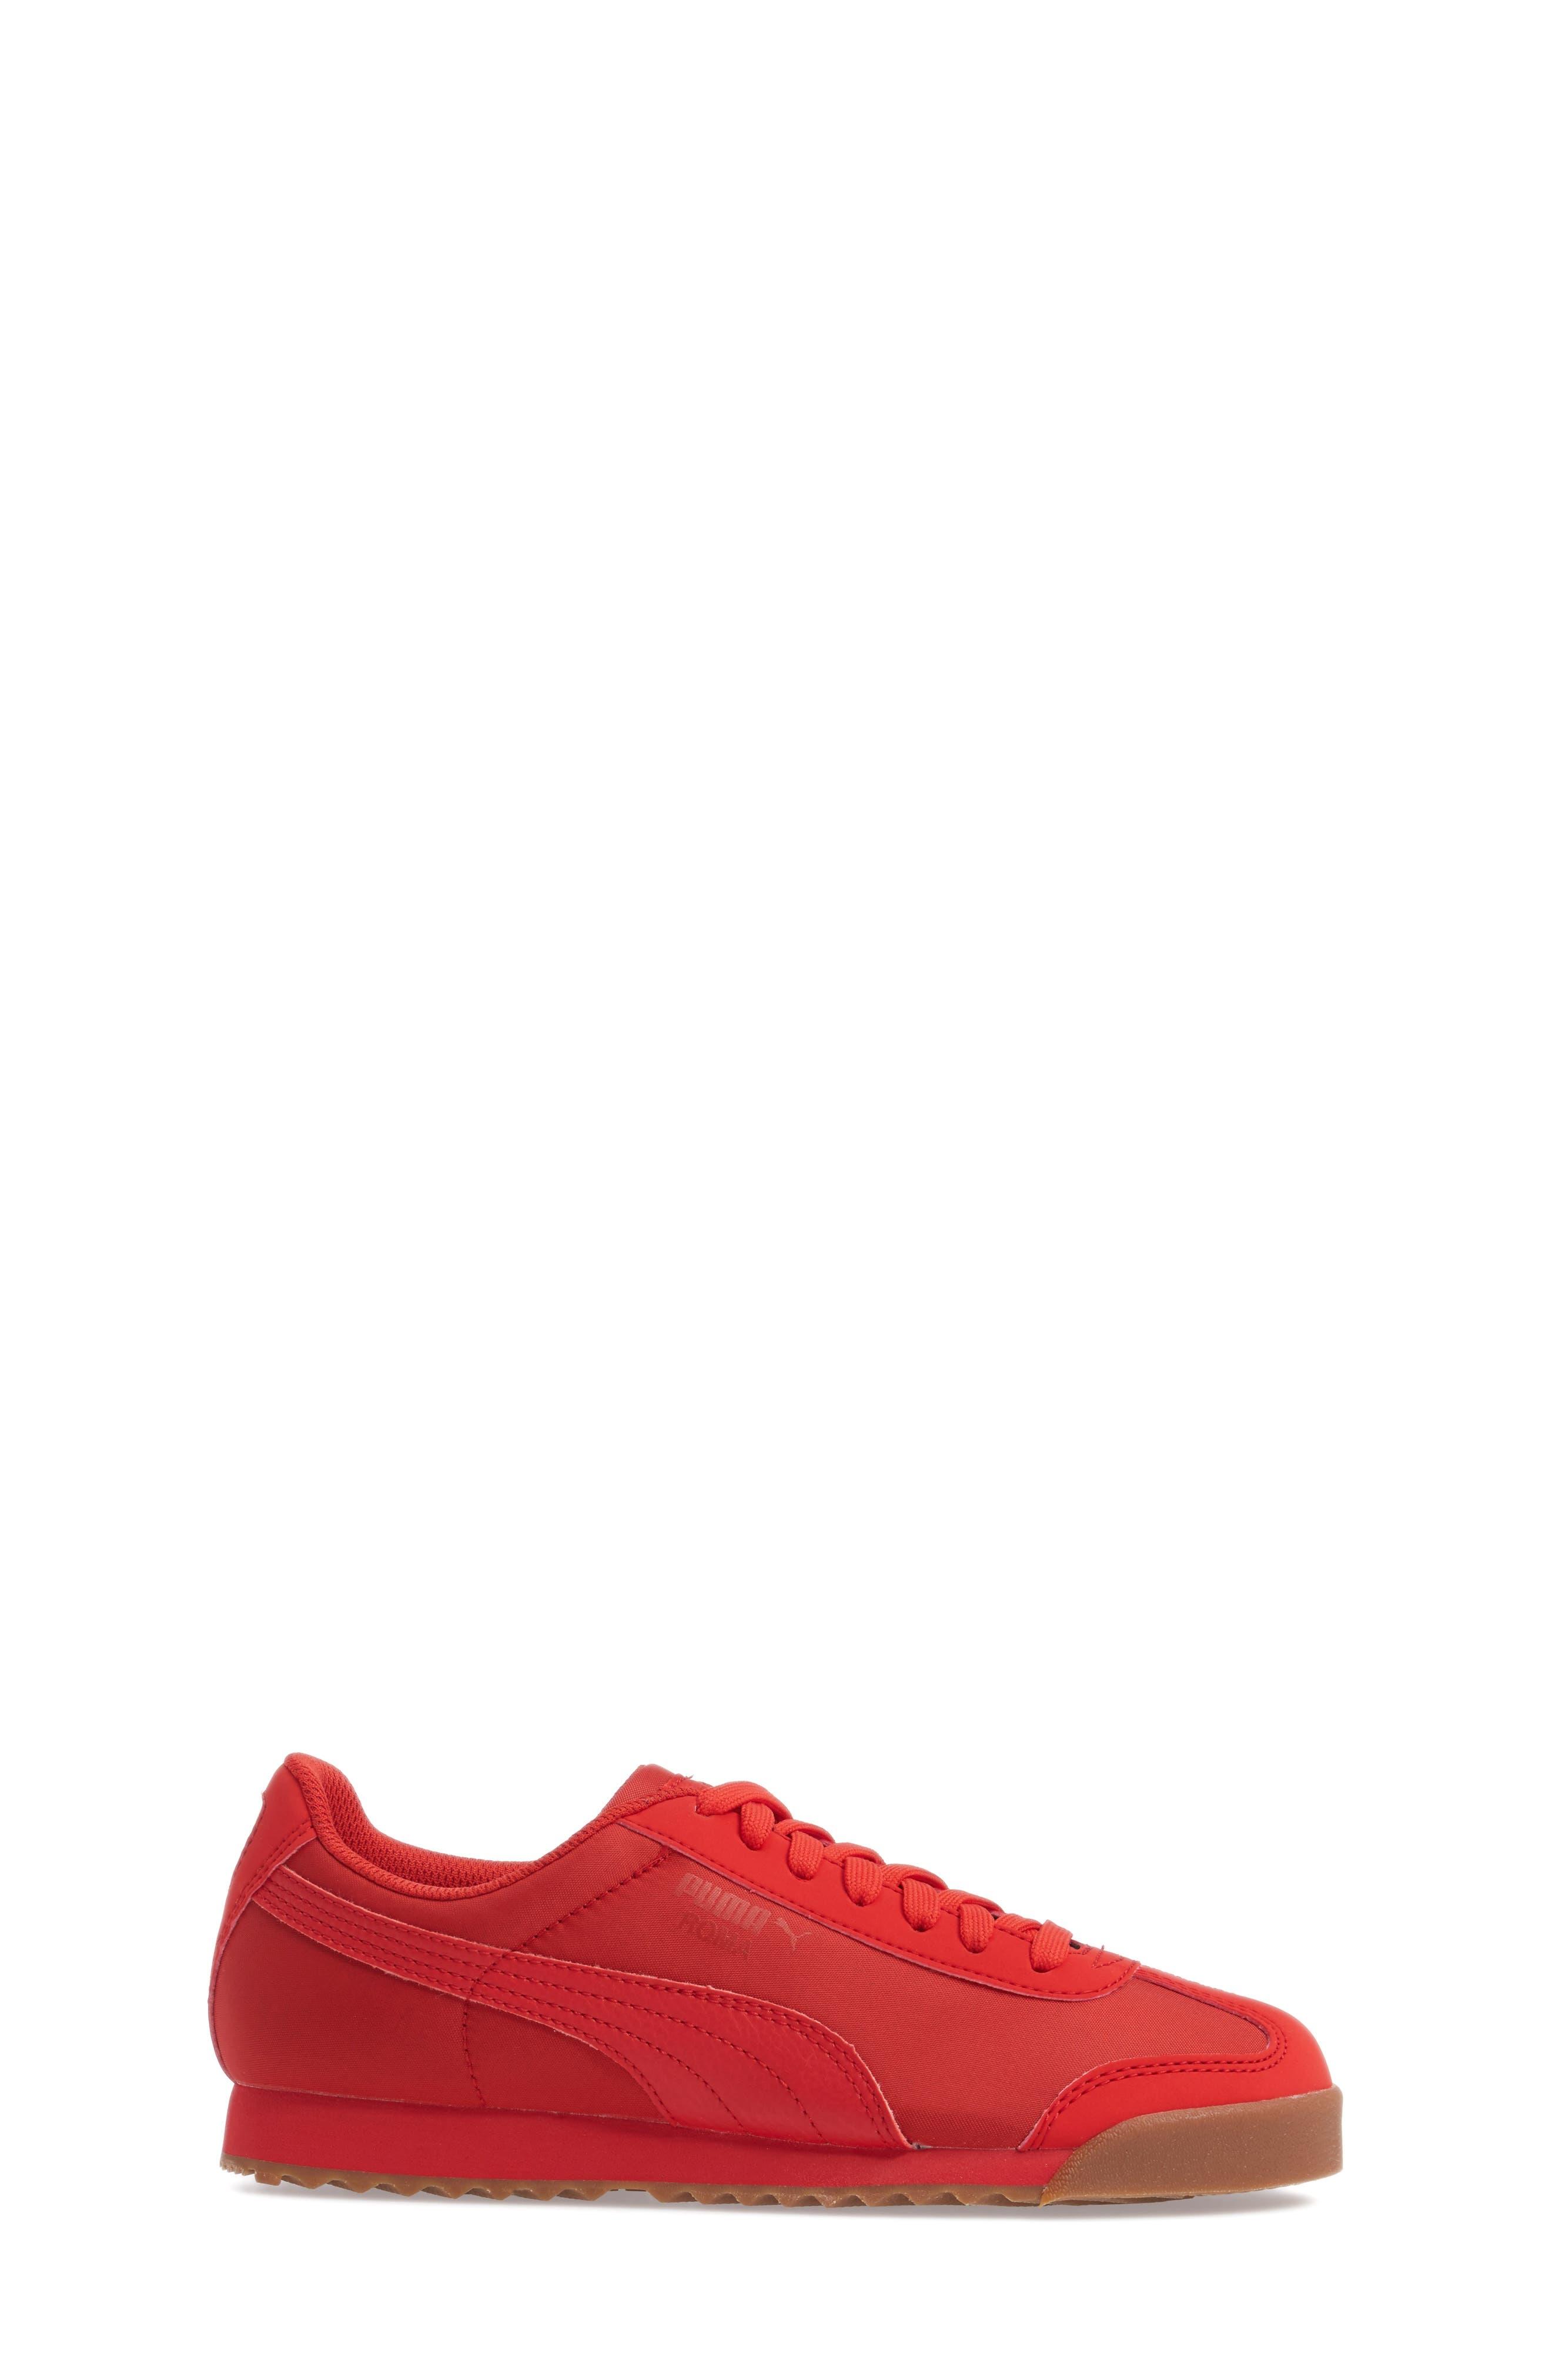 Roma Basic Summer Sneaker,                             Alternate thumbnail 3, color,                             High Risk Red